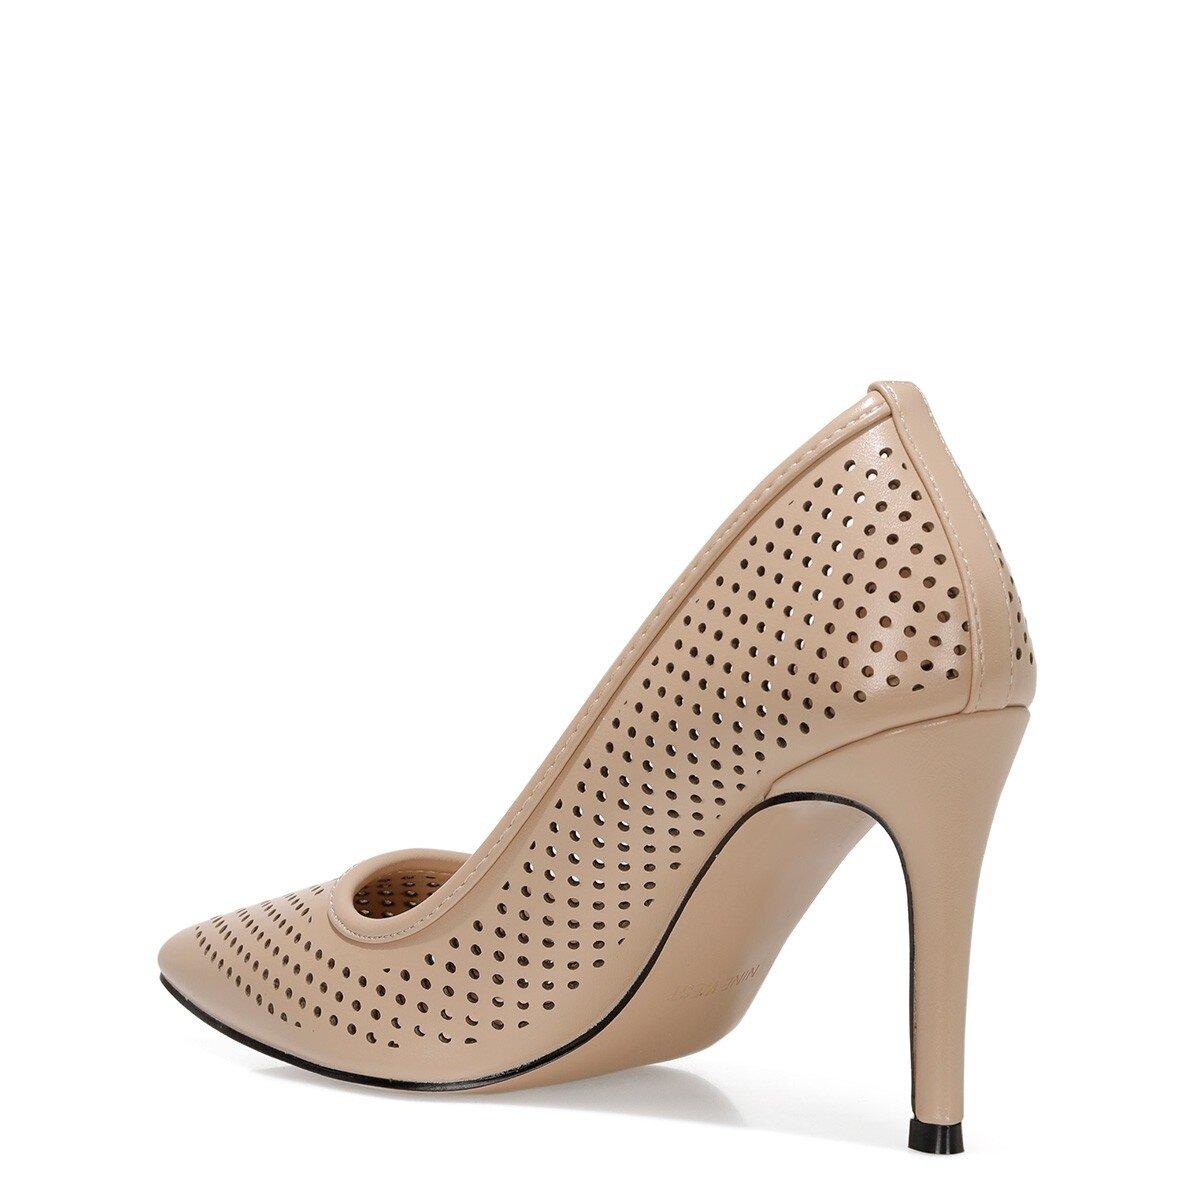 JERRIKA 1FX Naturel Kadın Topuklu Ayakkabı